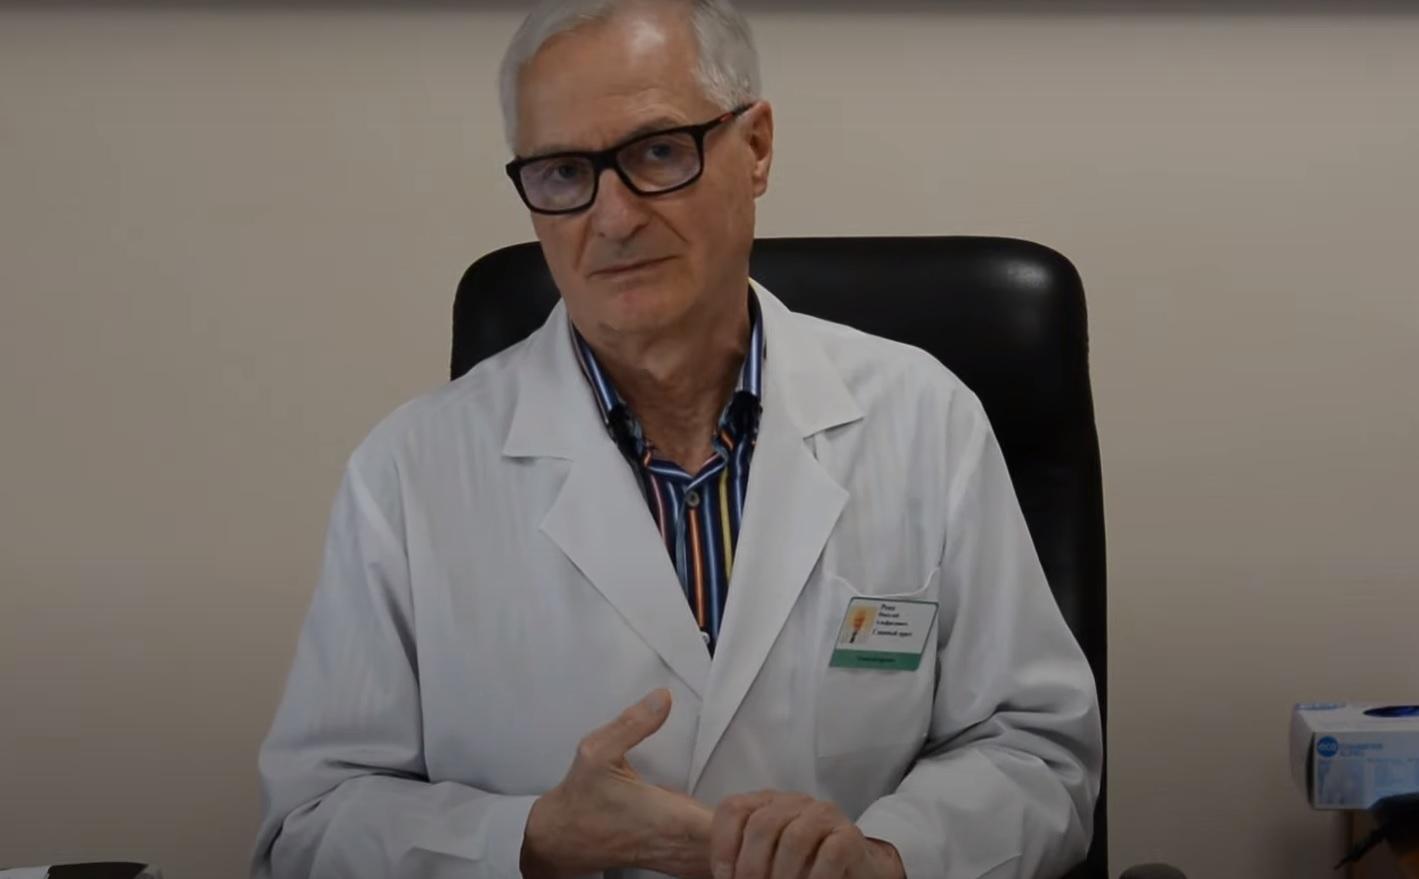 Маски, возраст, работа врачей: Николай Ренц ответил на важные вопросы о коронавирусе